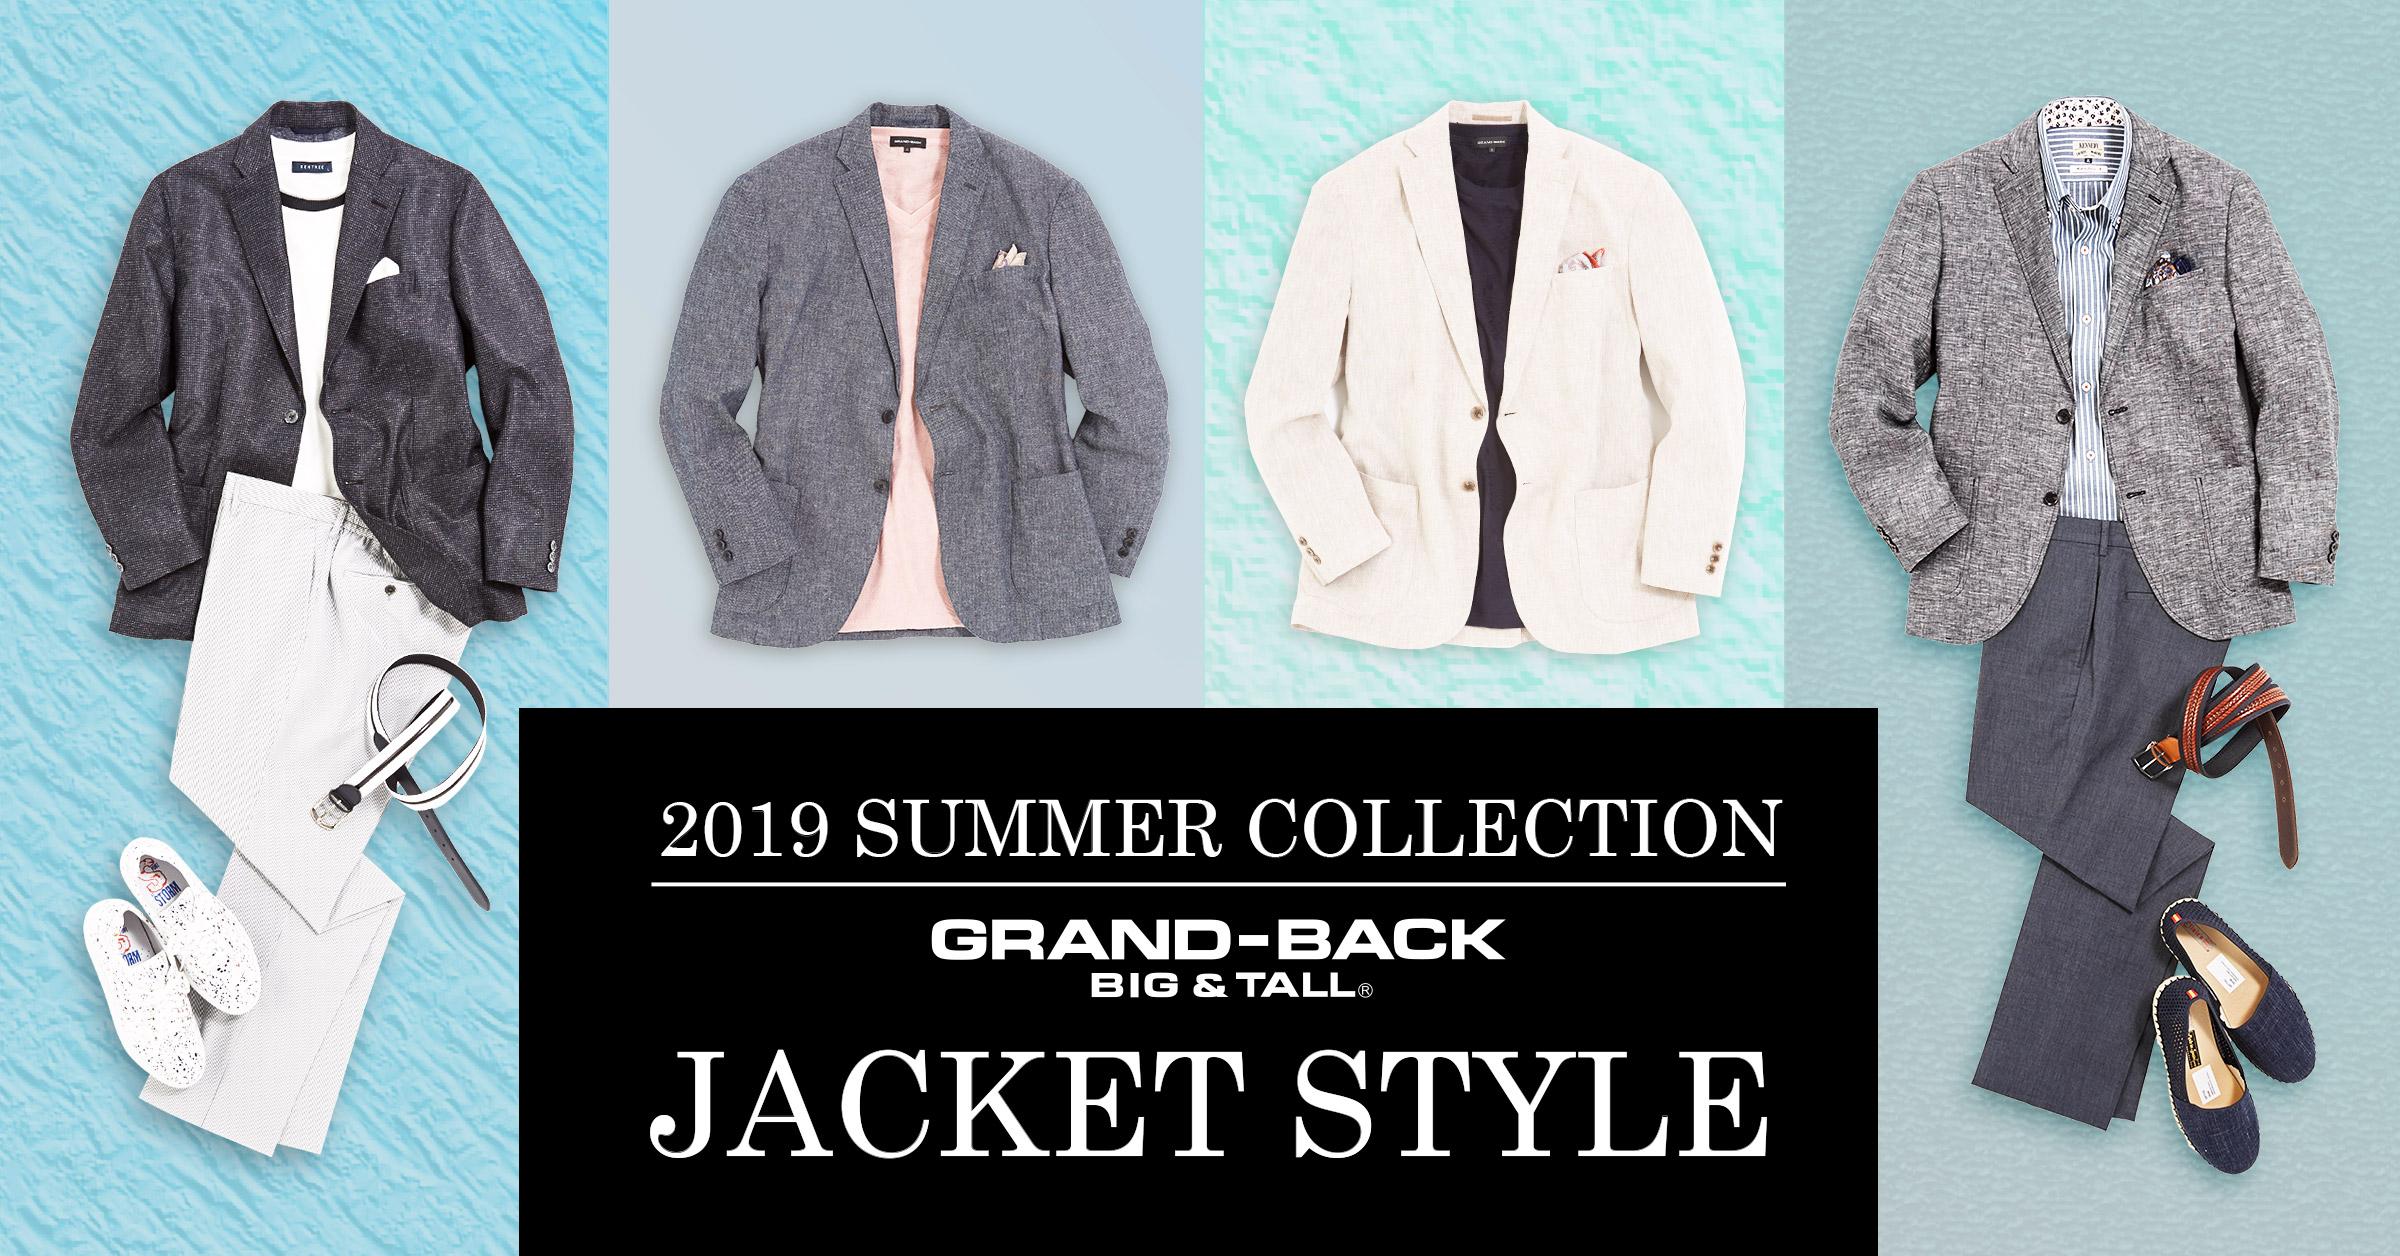 2019 summer jacket style